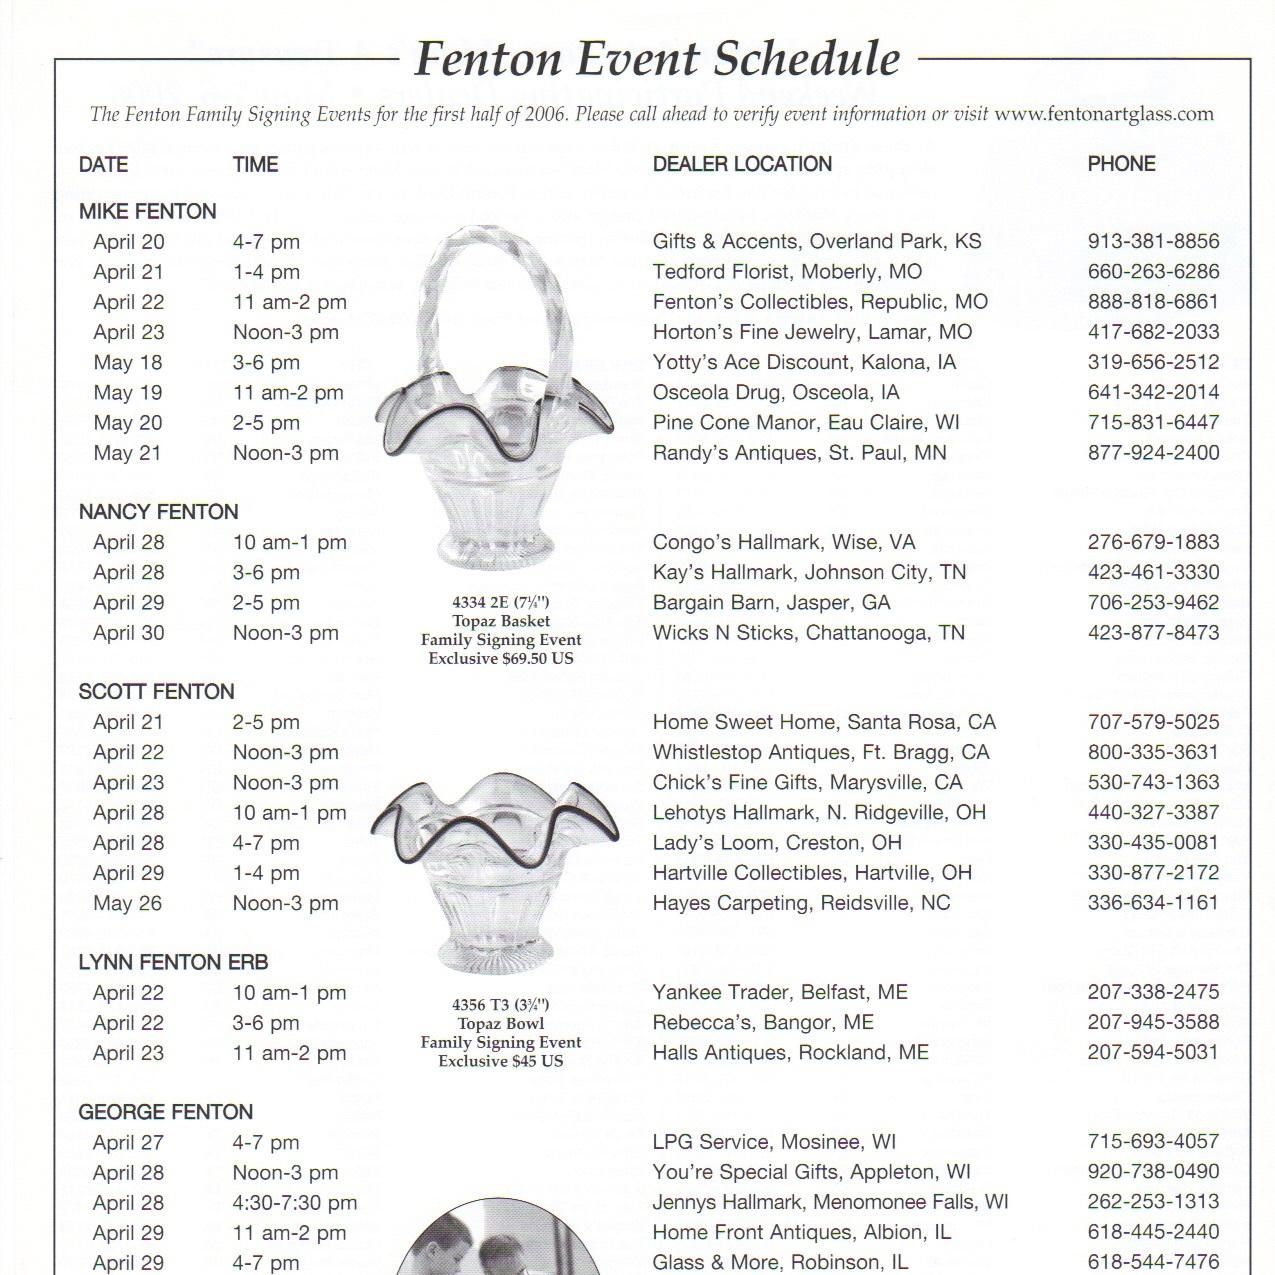 2006 Fenton Event Schedule